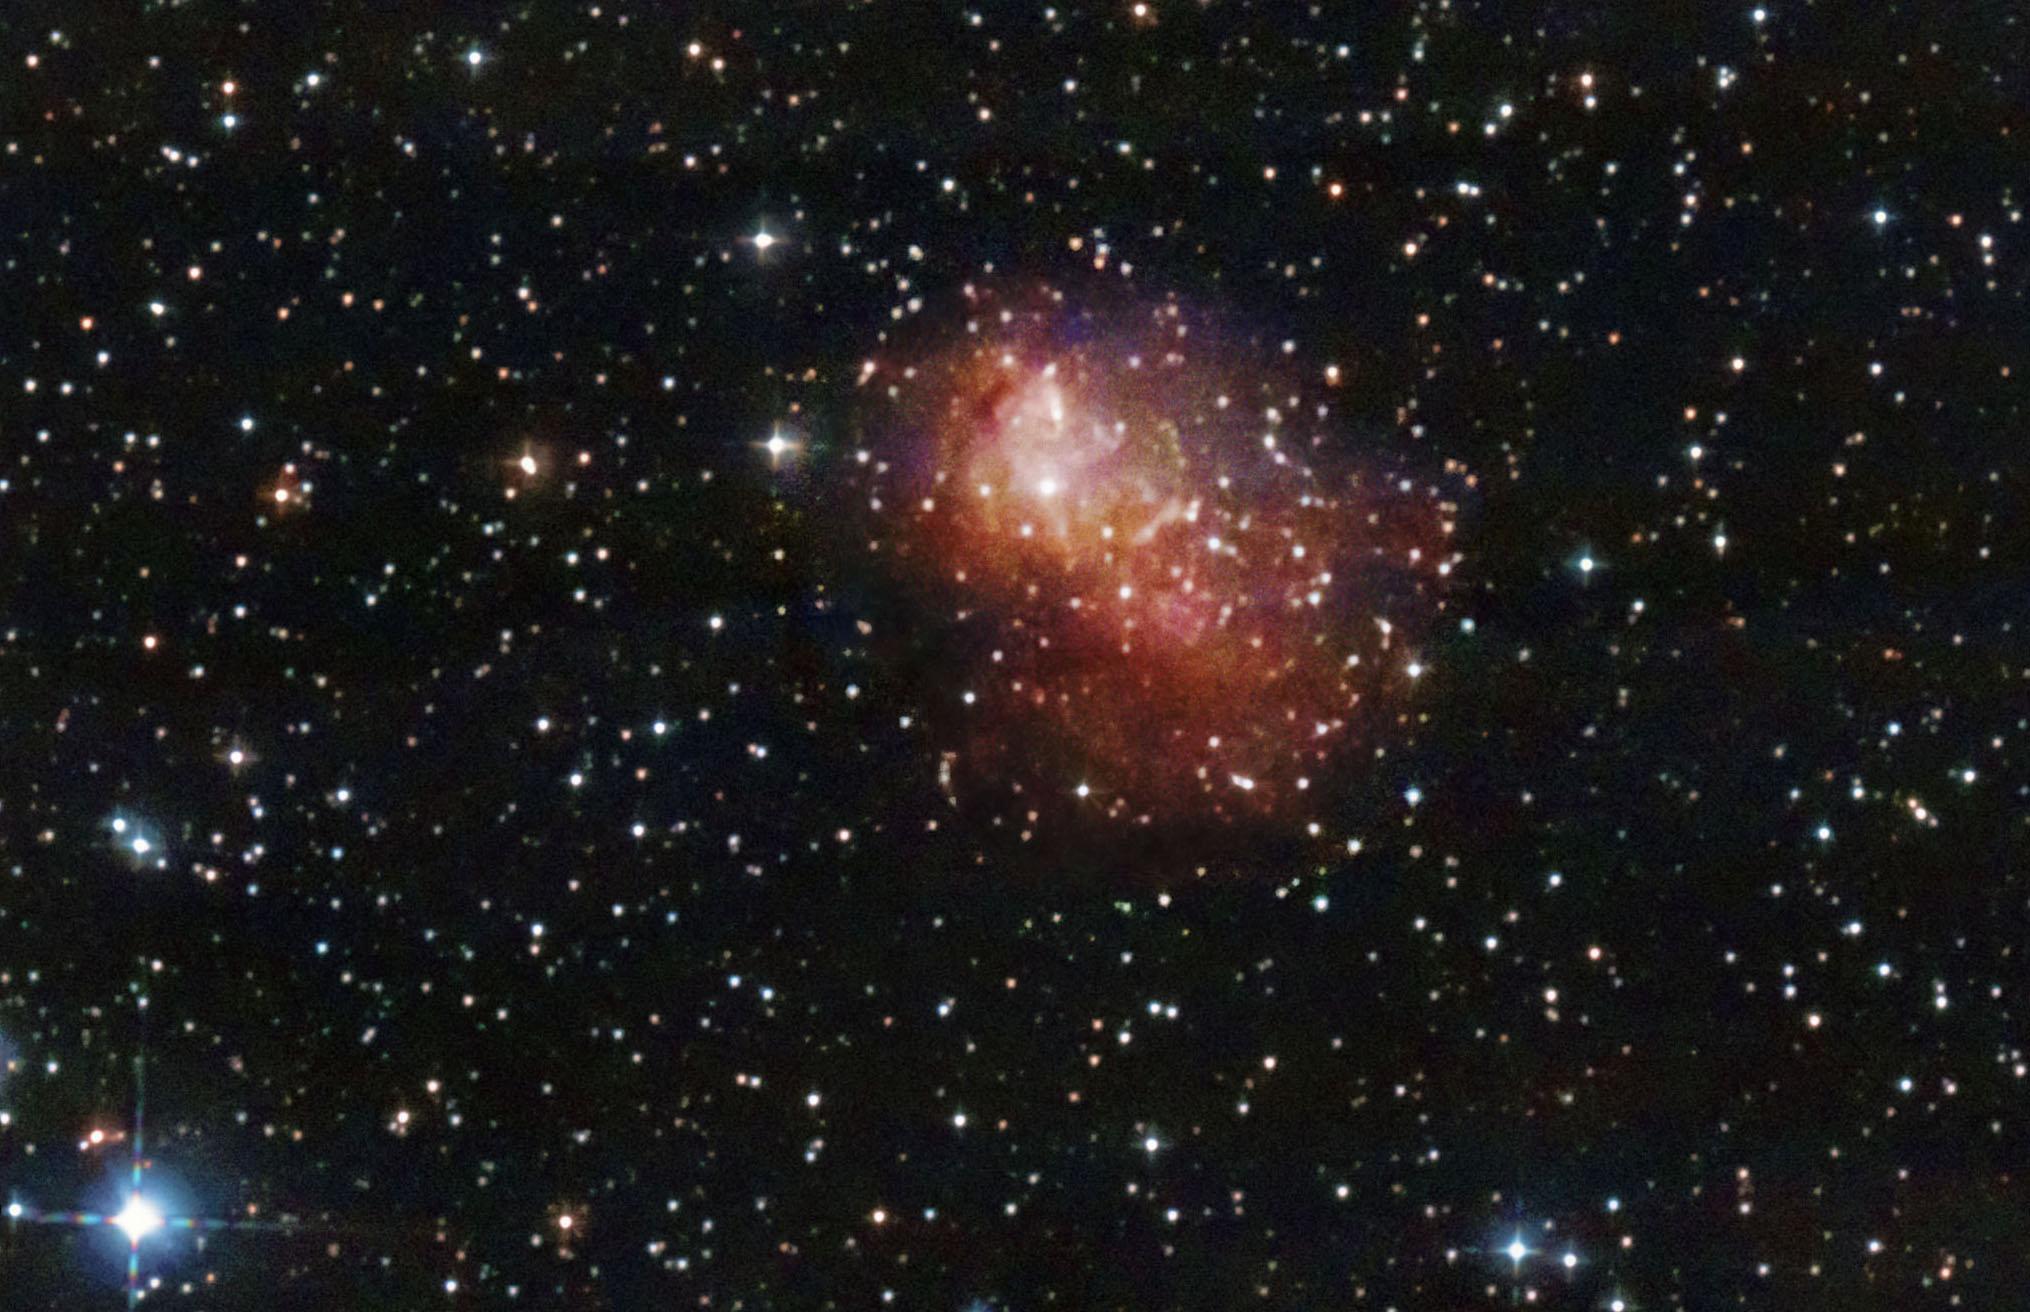 IC10 Star Burst Irregular Dwarf Galaxy, スターバースト不規則矮小銀河